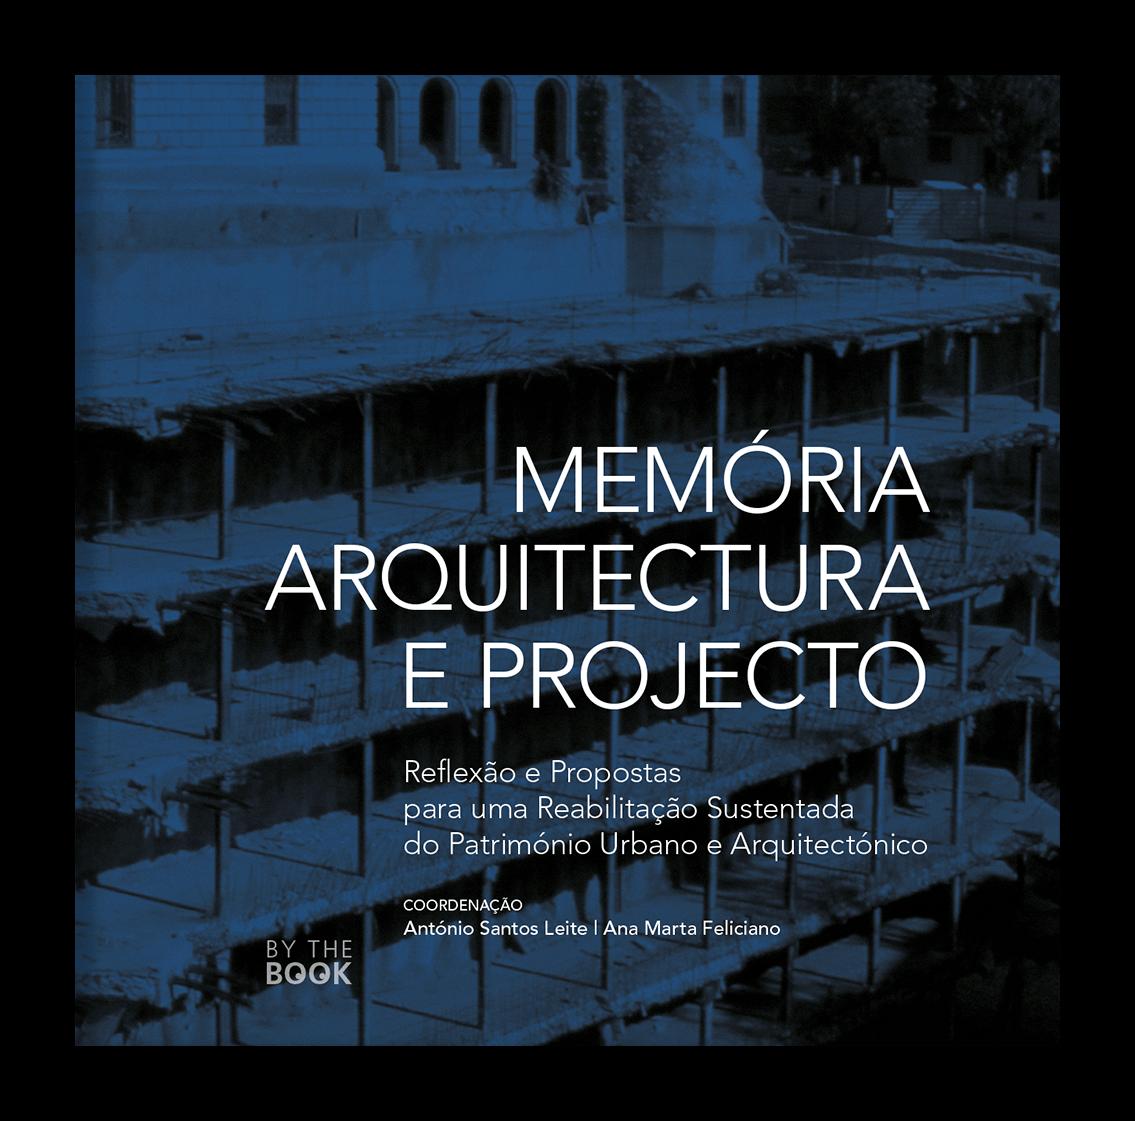 Memória, Arquitectura e Projecto